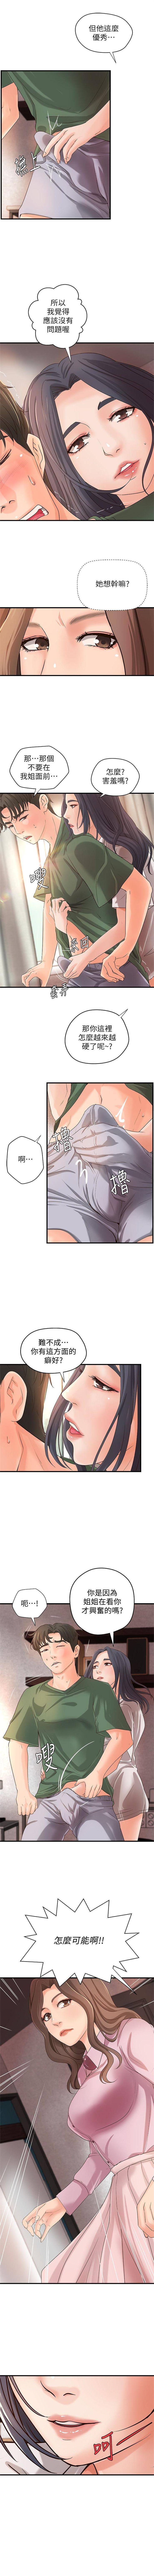 御姐的實戰教學 1-24 官方中文(連載中) 100